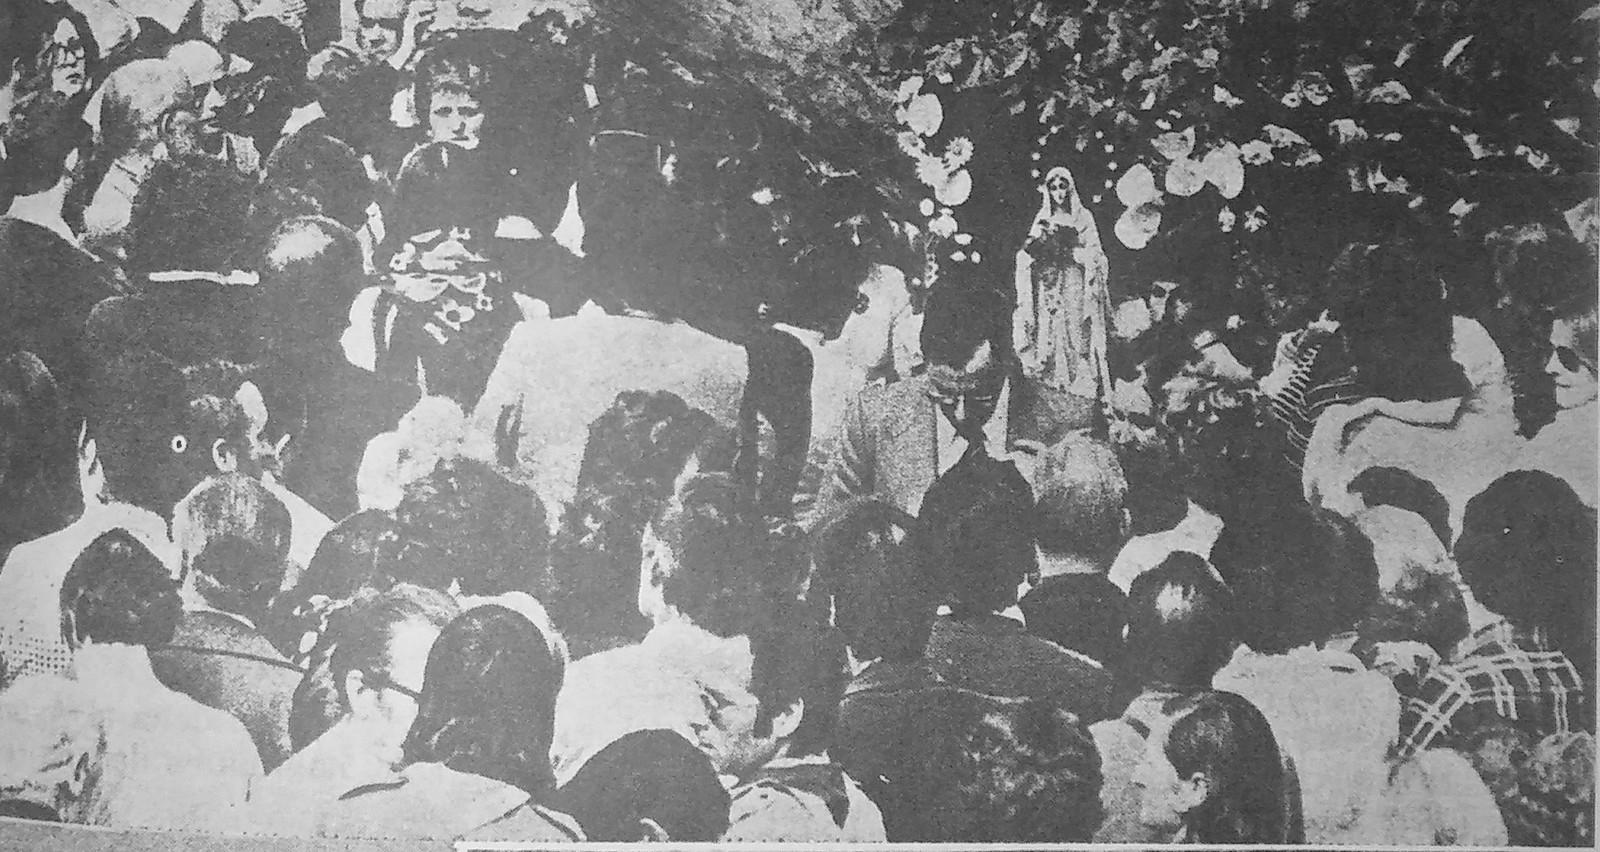 Aparición de la Virgen de Cataluña: Virgen de Lourdes de Can Cerdà, España (11 de noviembre)